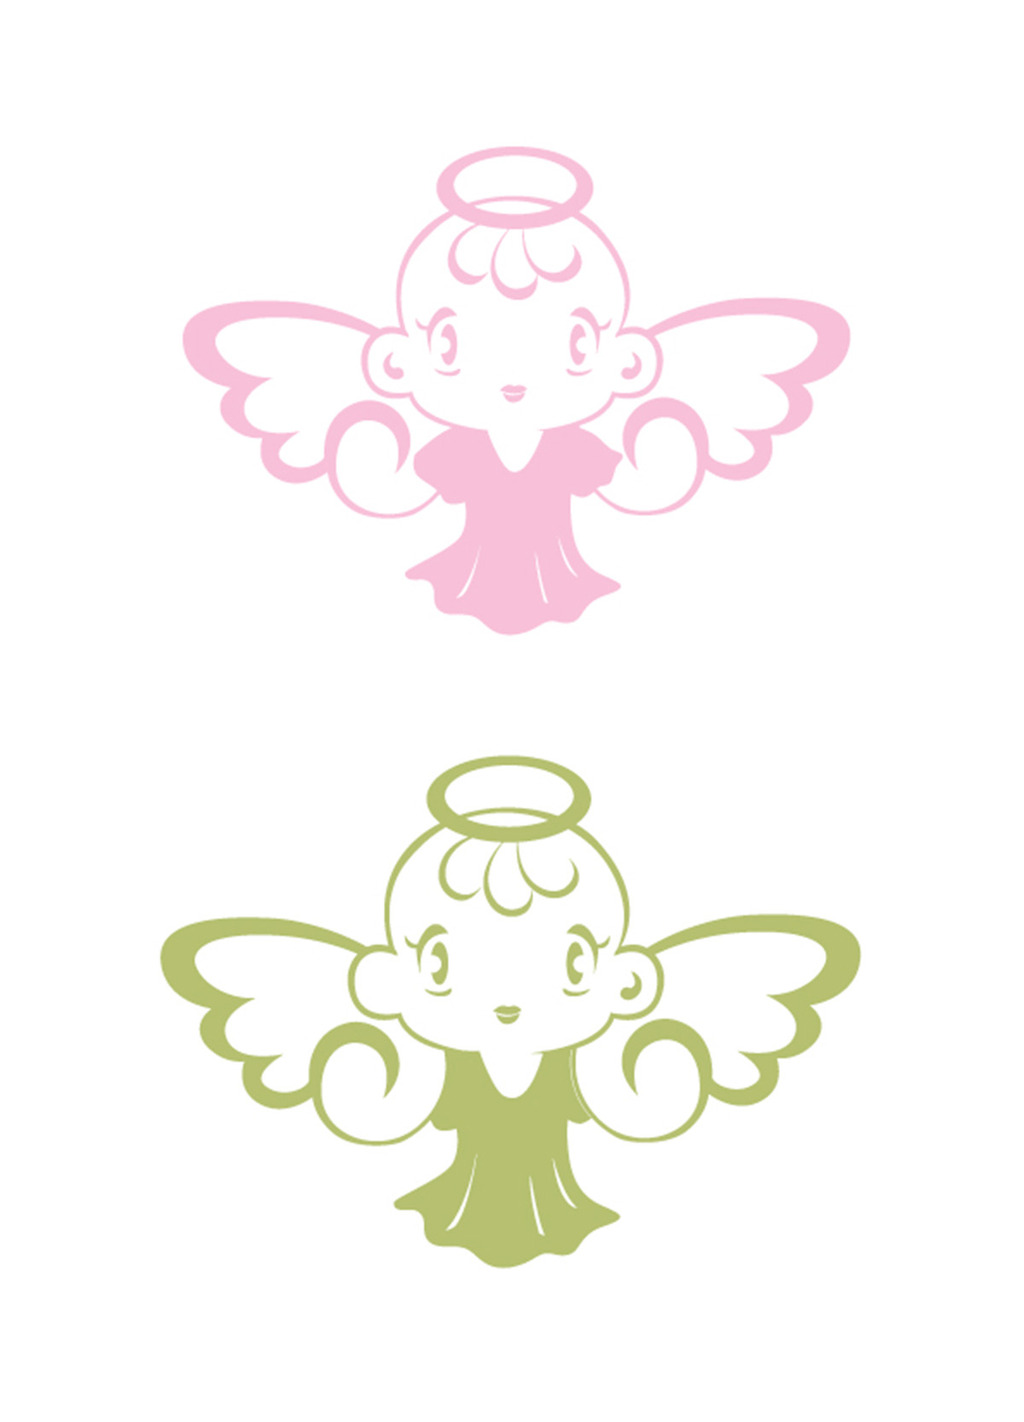 小天使标志设计logo设计ai文件